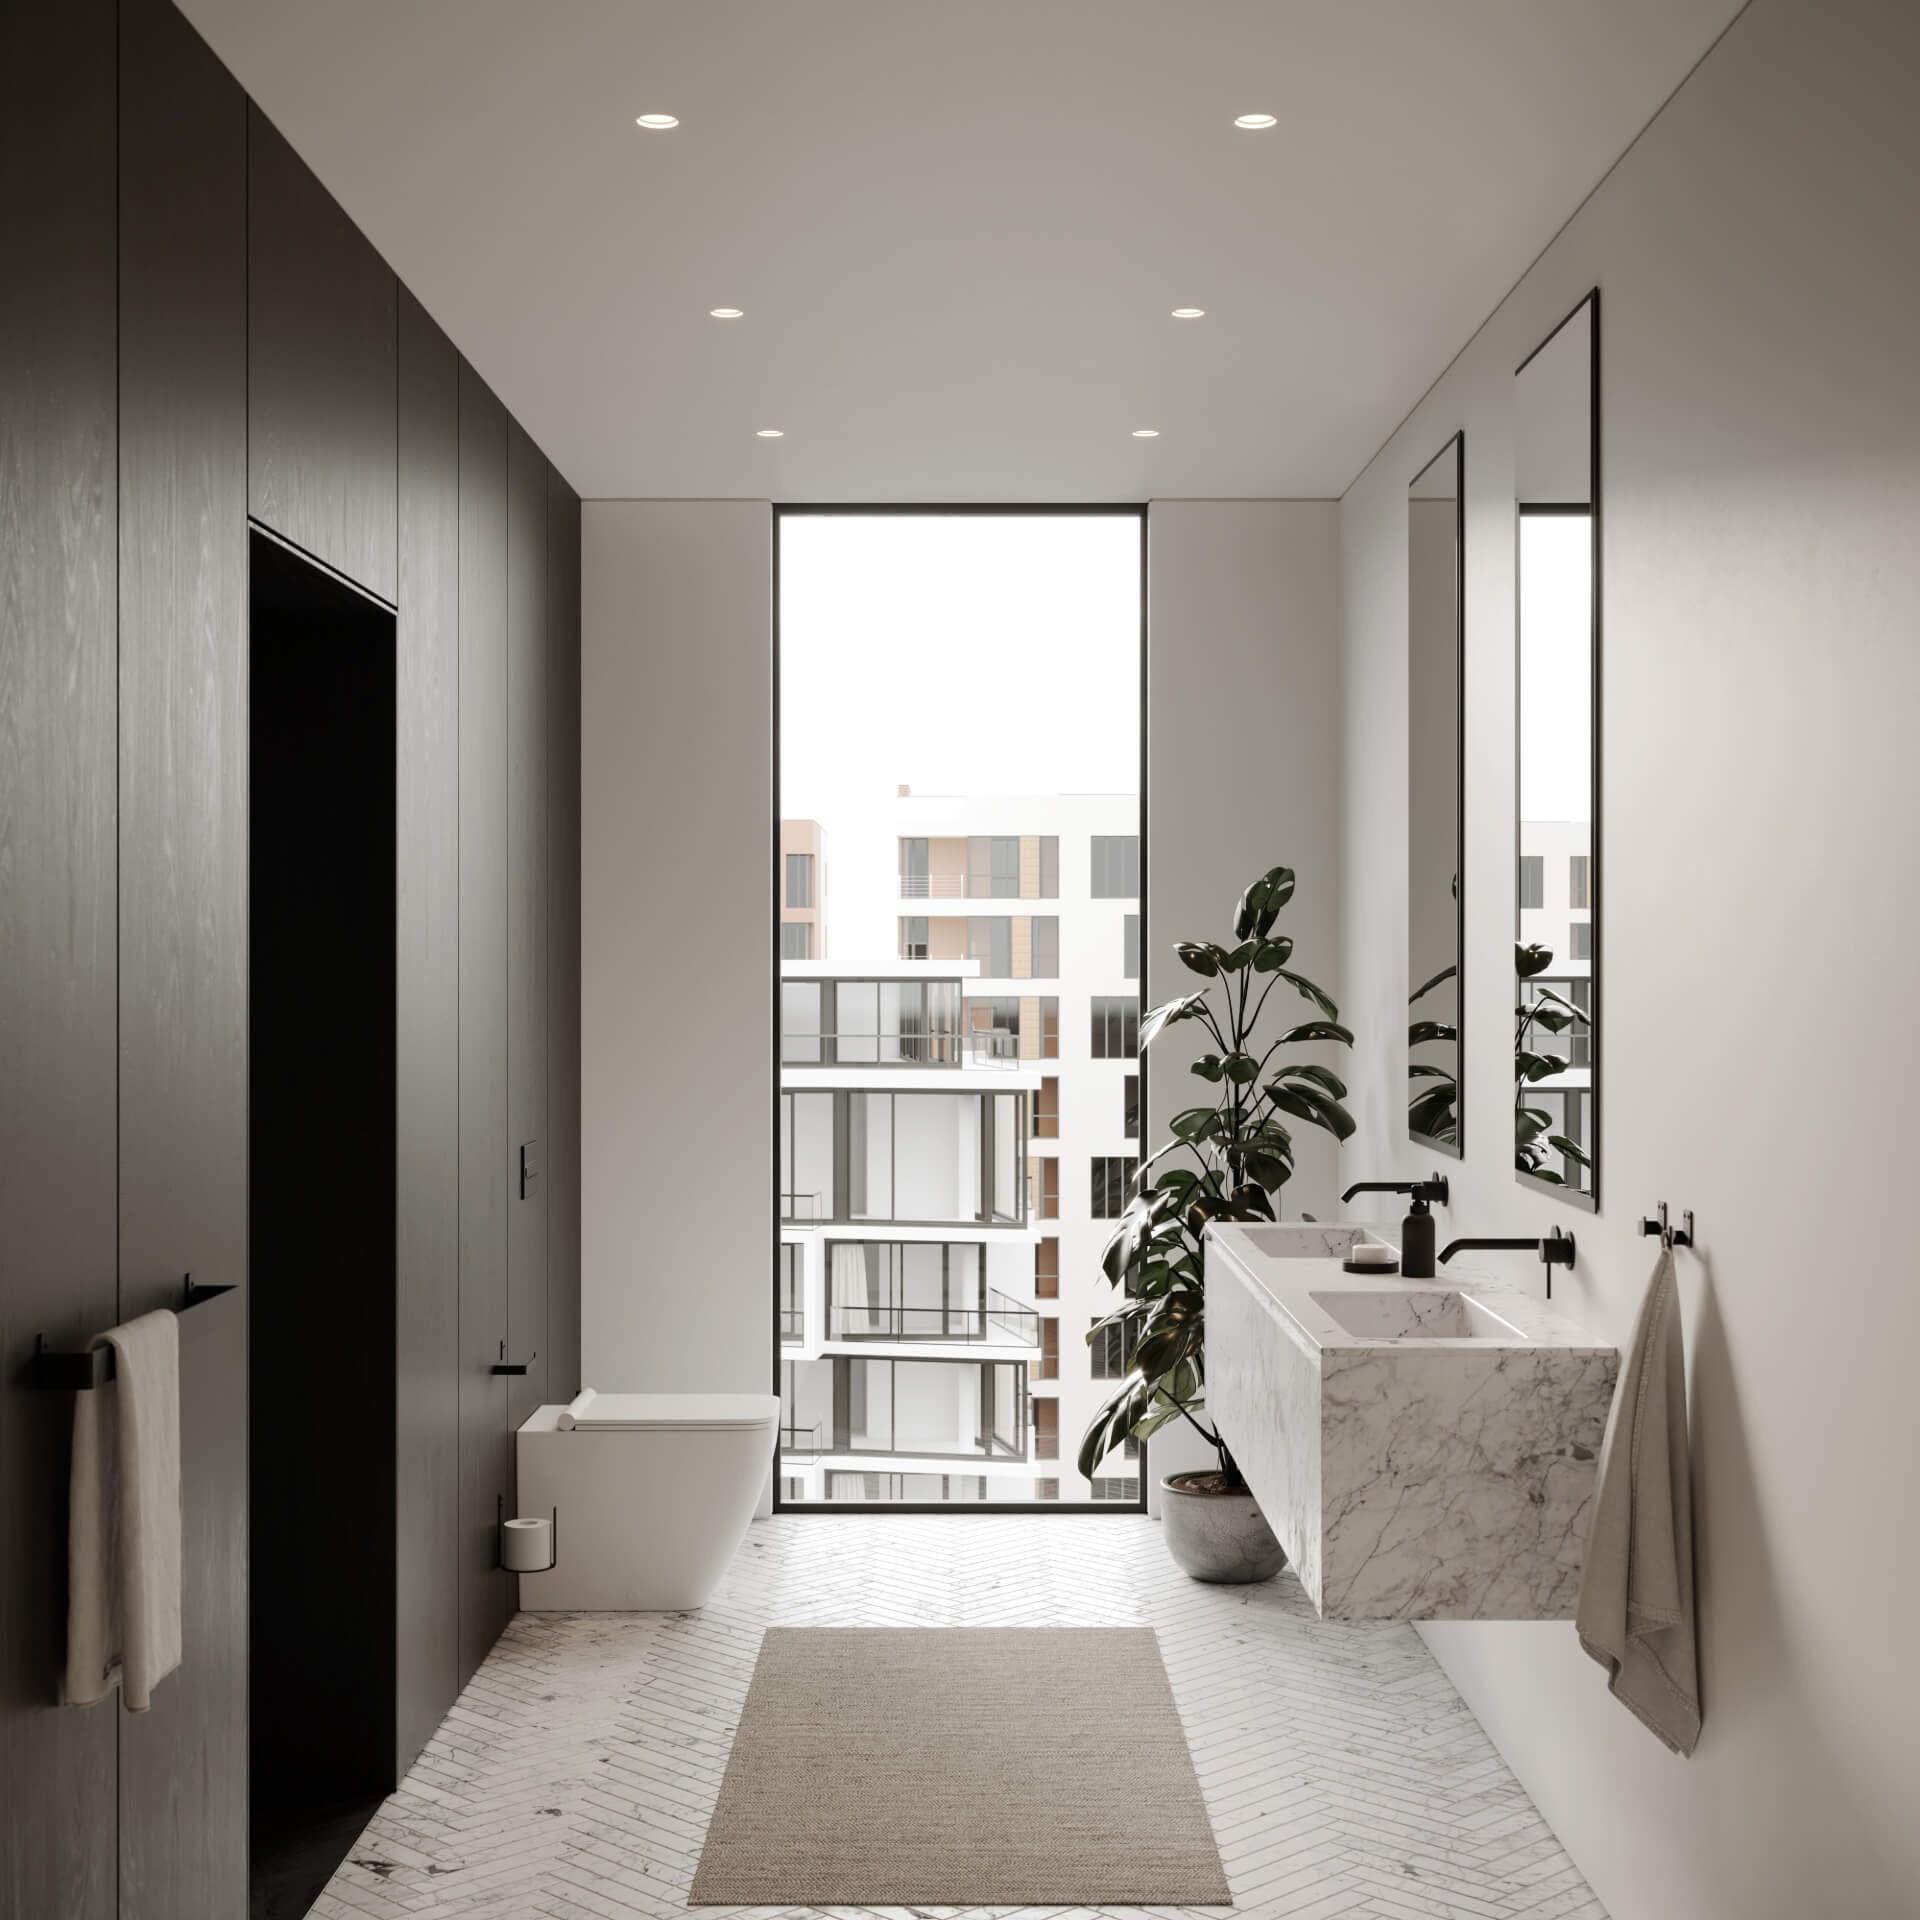 Miljøbilde svart dorullholder, håndkleholder og knagg fra Nichba. Marmorgulv, hvite og en sort vegg.